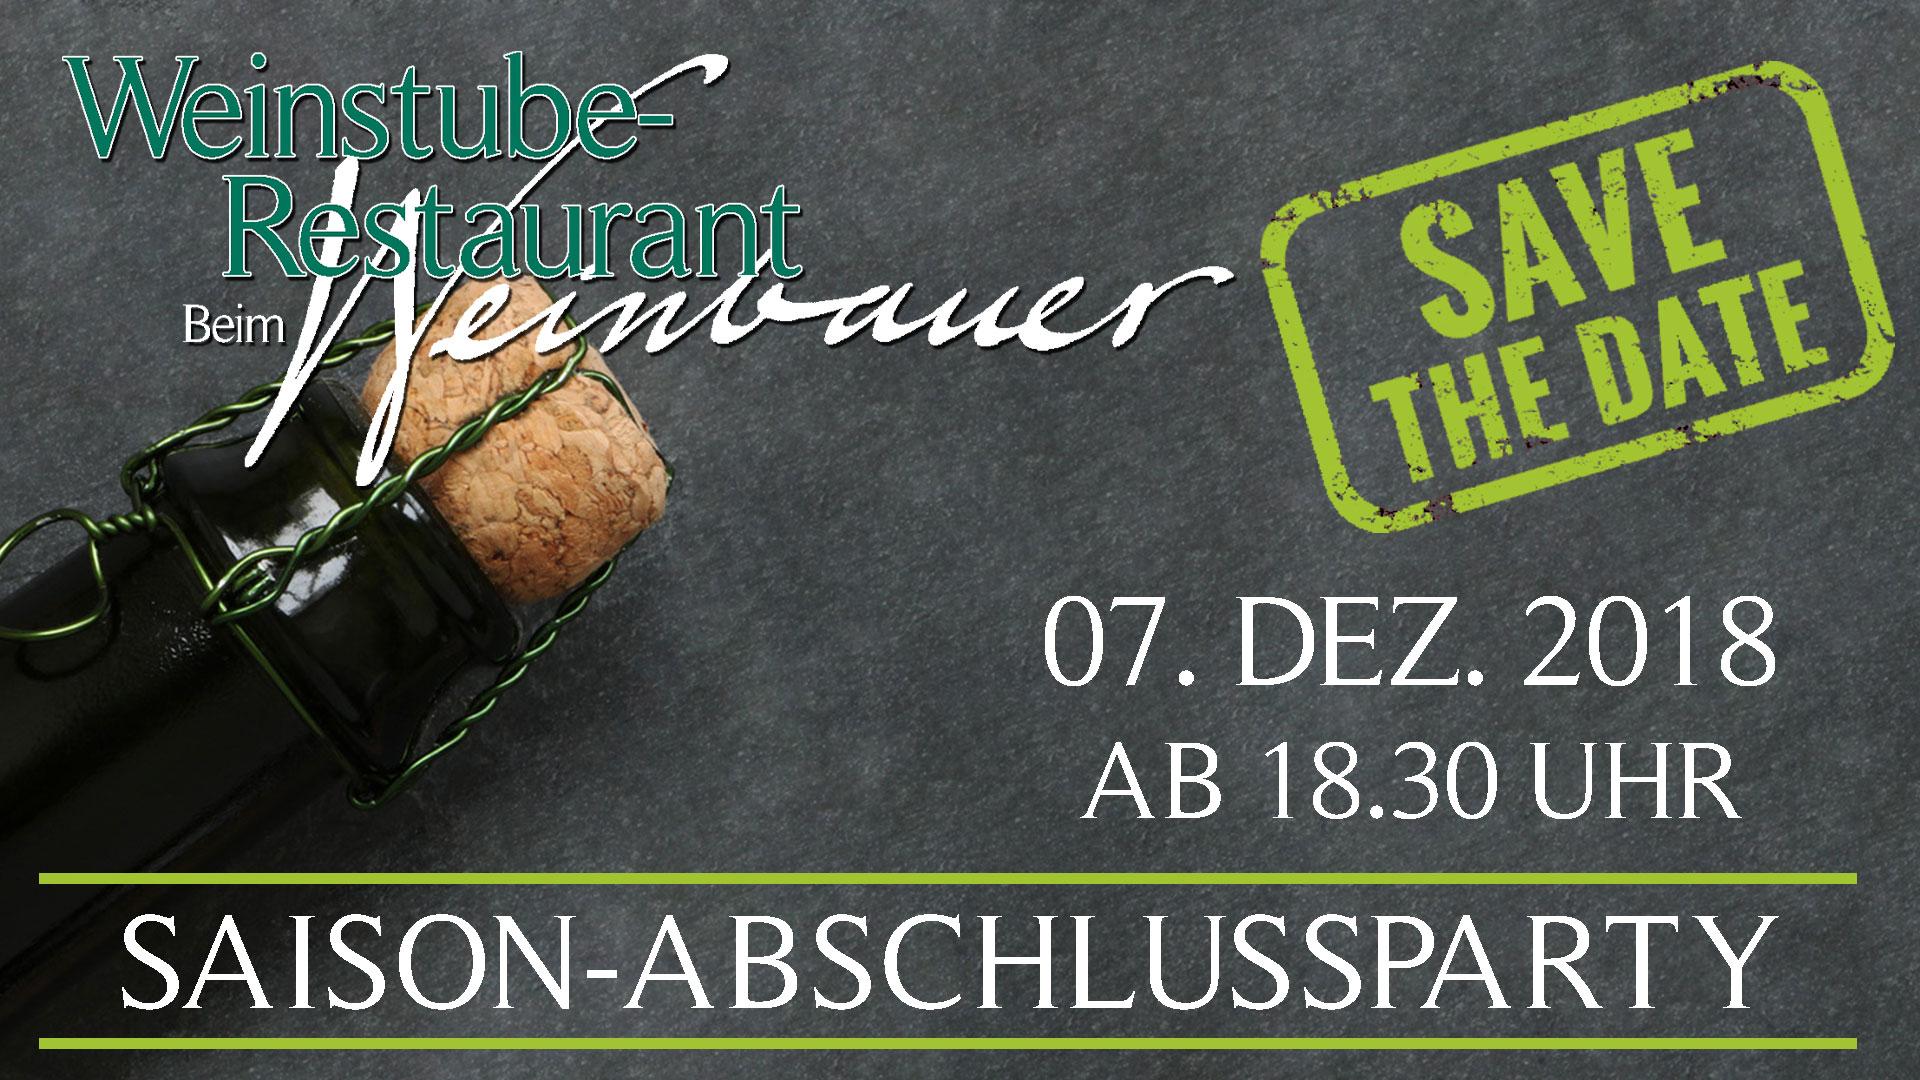 Saison-Abschlussparty Beim Weinbauer